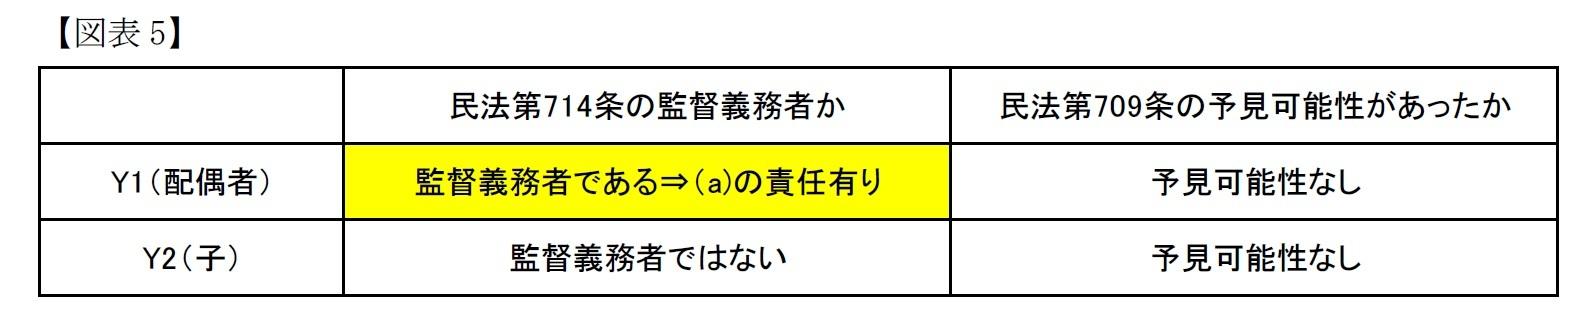 (図表5)高裁の判断